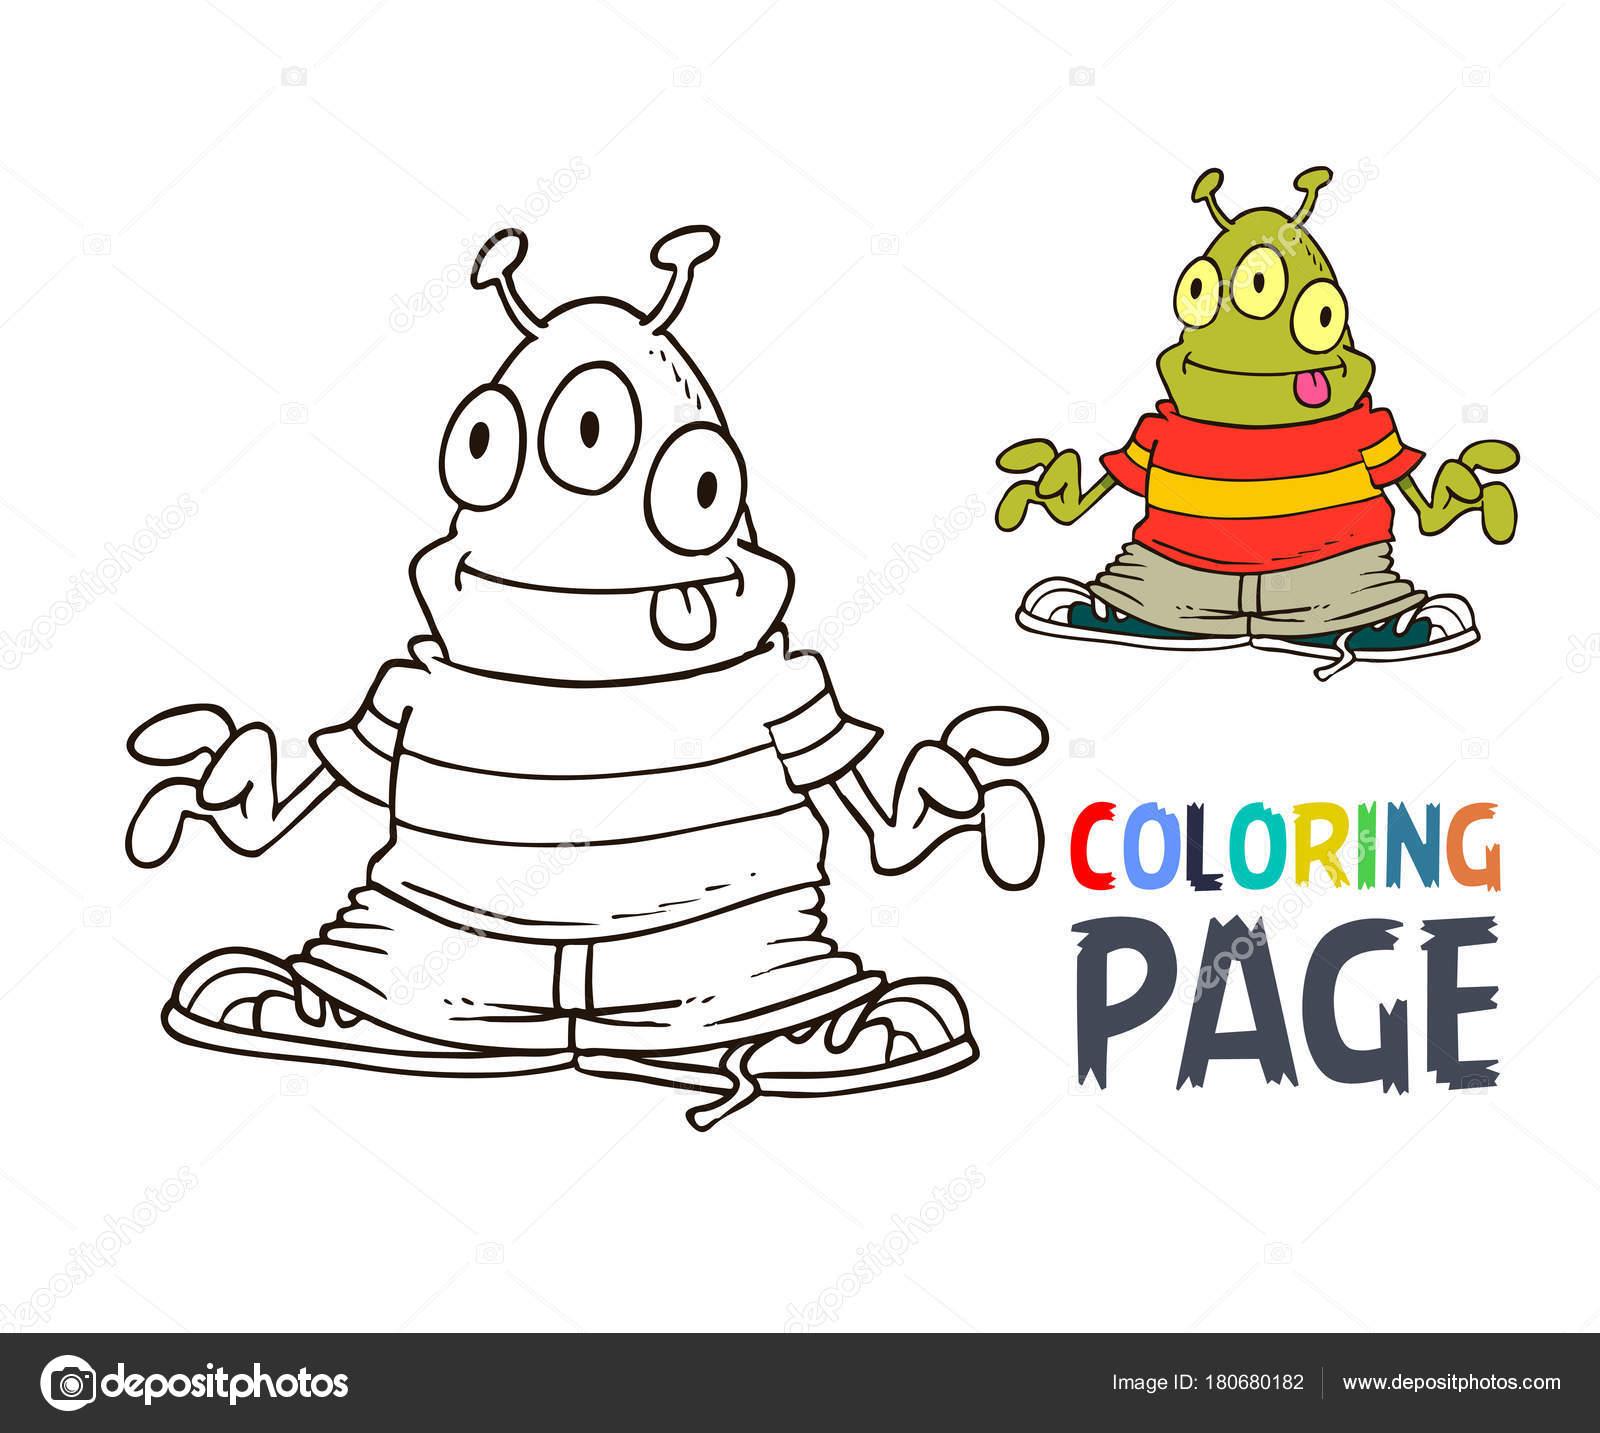 Página para colorear de dibujos animados extranjeros — Archivo ...